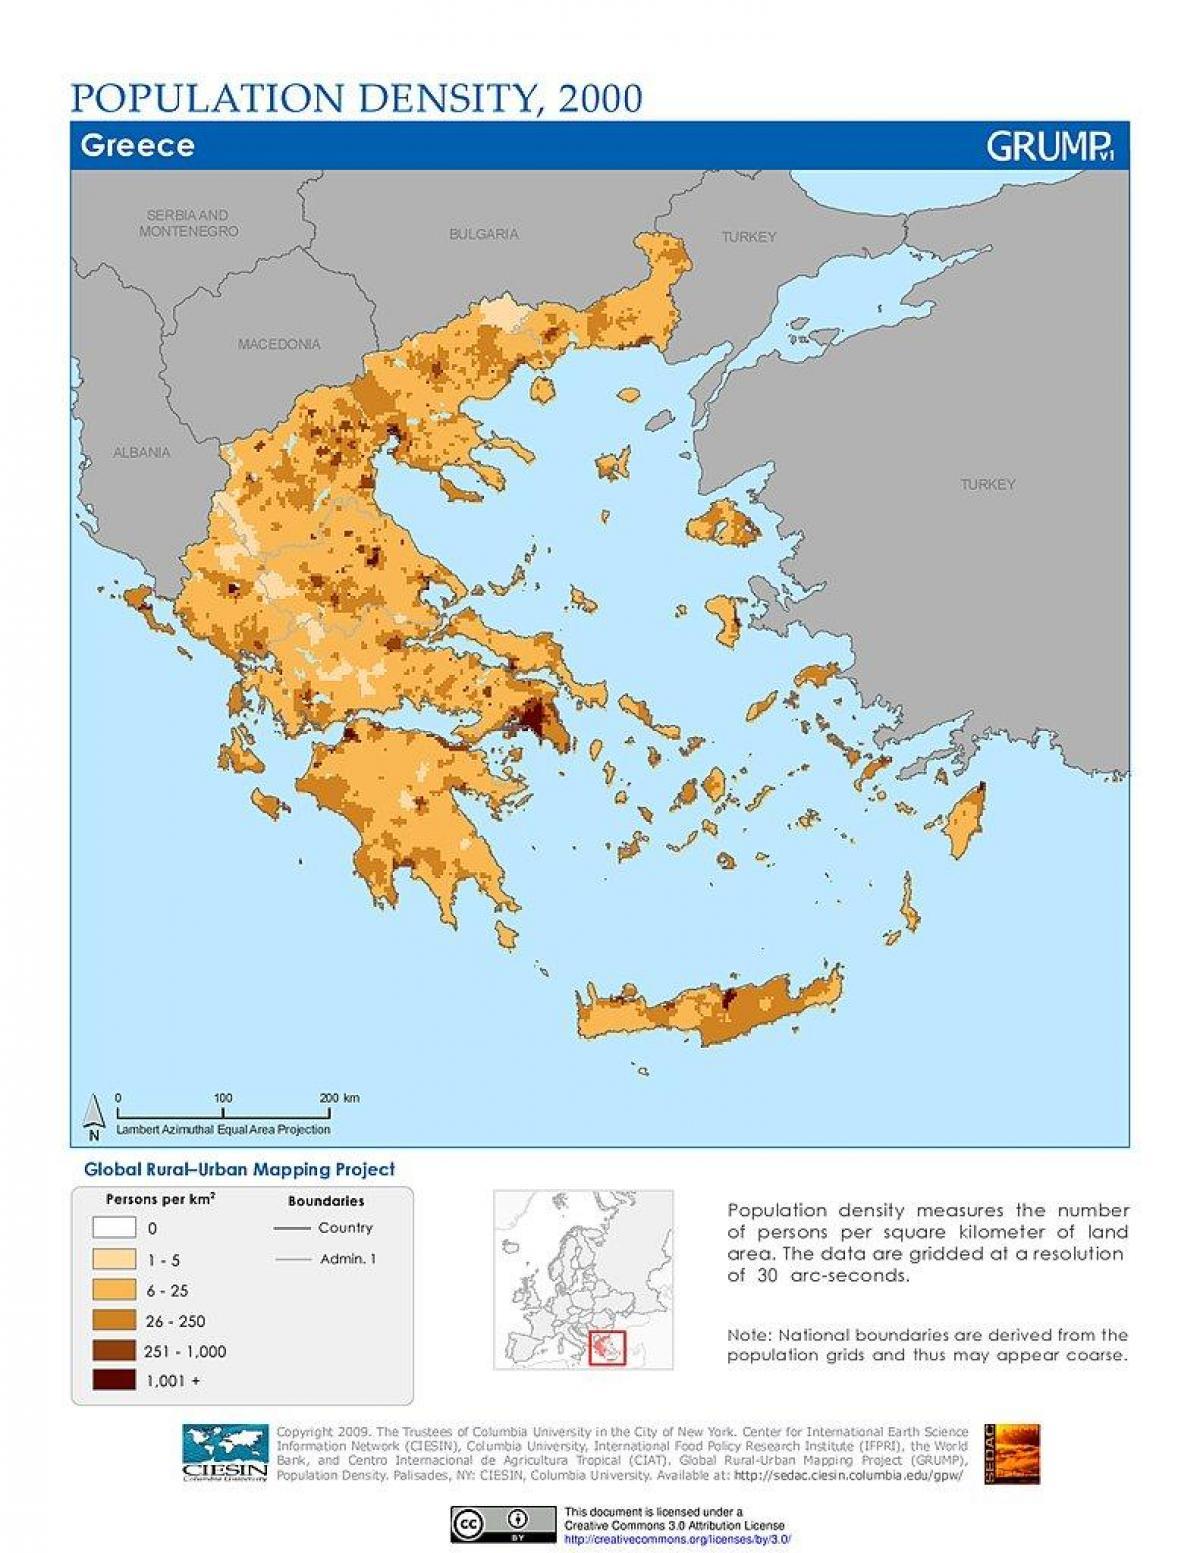 Grcka Karta Gustoce Stanovnistva Karta Gustoce Stanovnistva Grcke